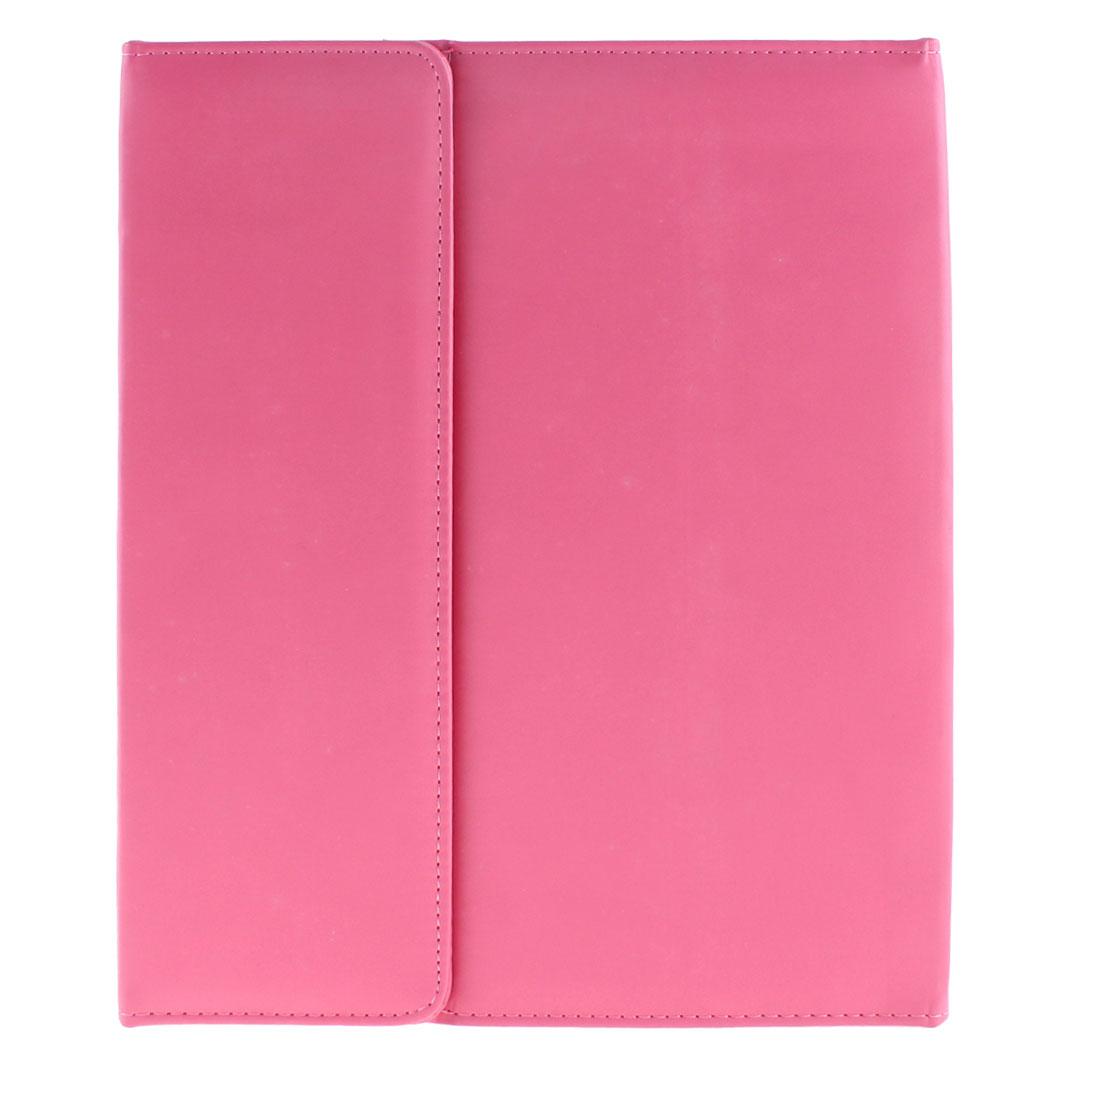 PU Leather Magnetic Folio Flip Tablet Protective Case Fuchsia for iPad Mini 1 2